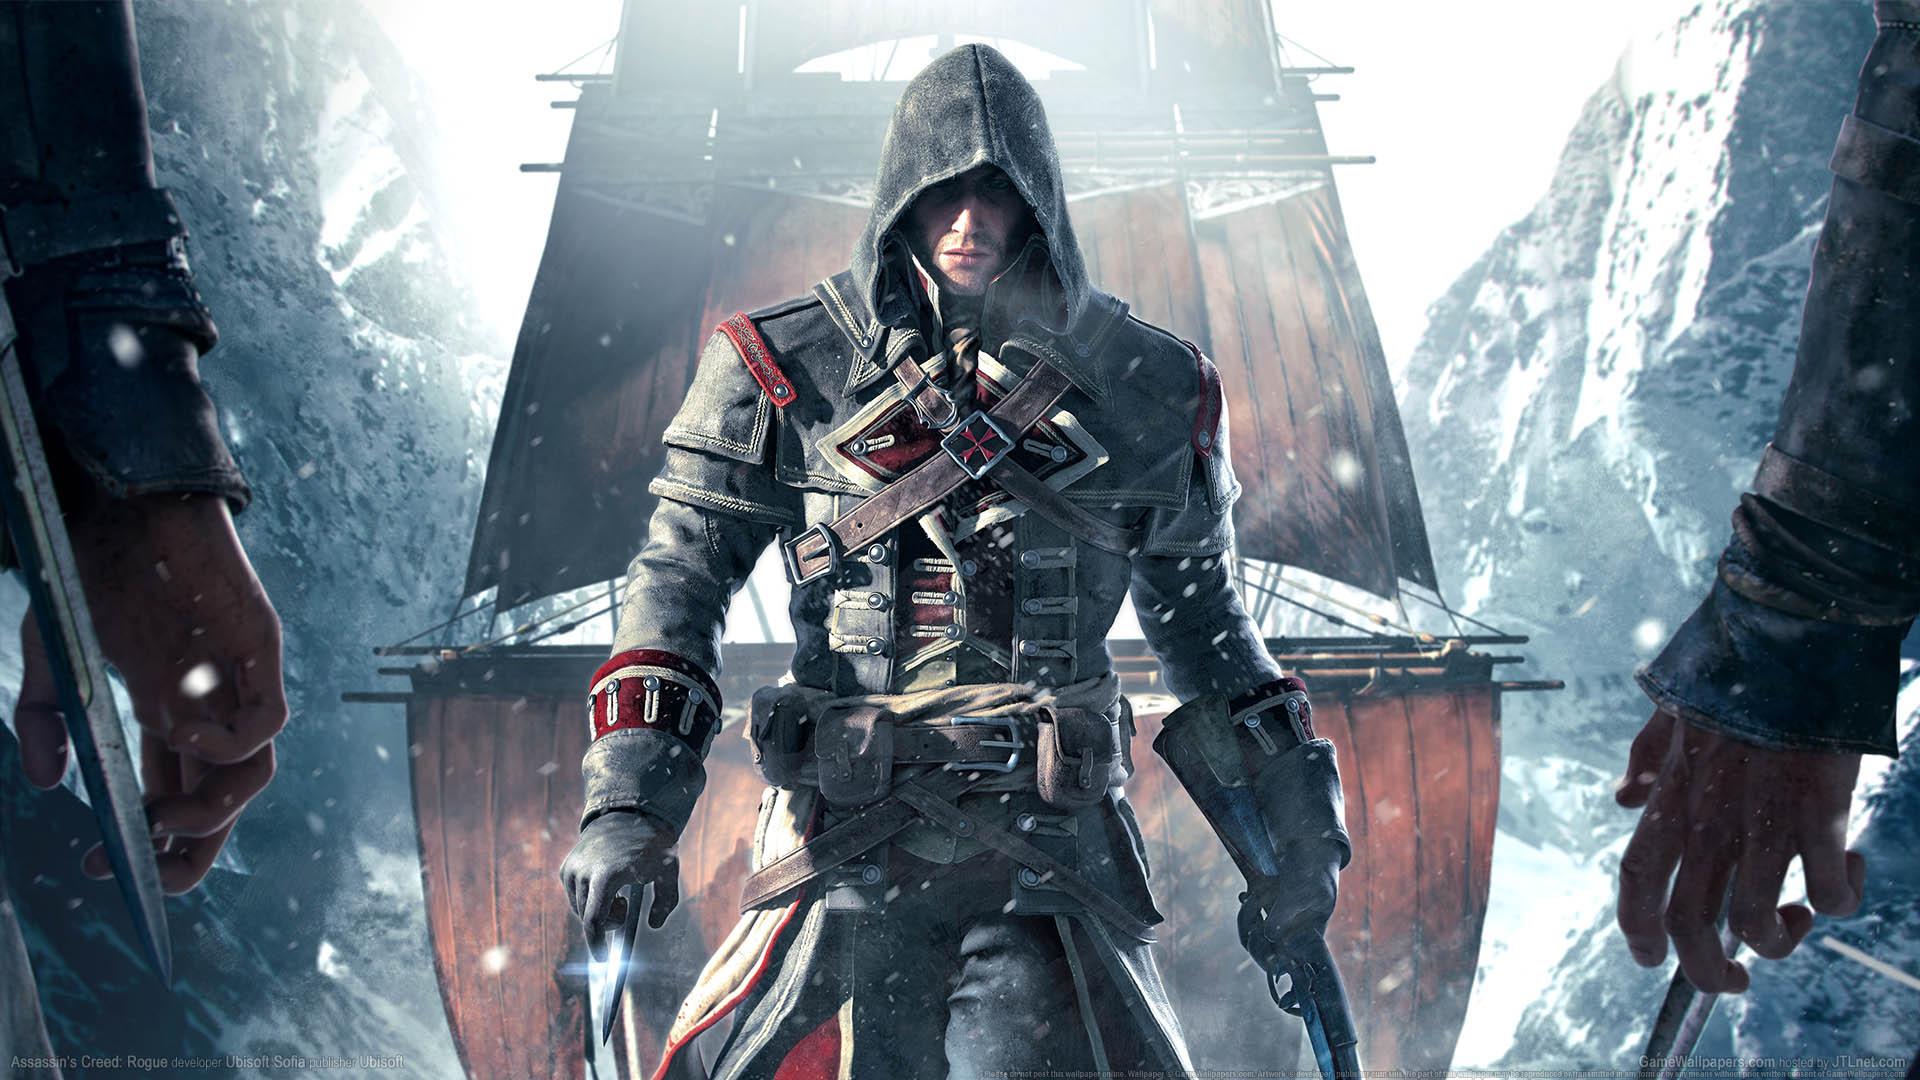 Assassin S Creed Rogue Wallpaper 01 1920x1080